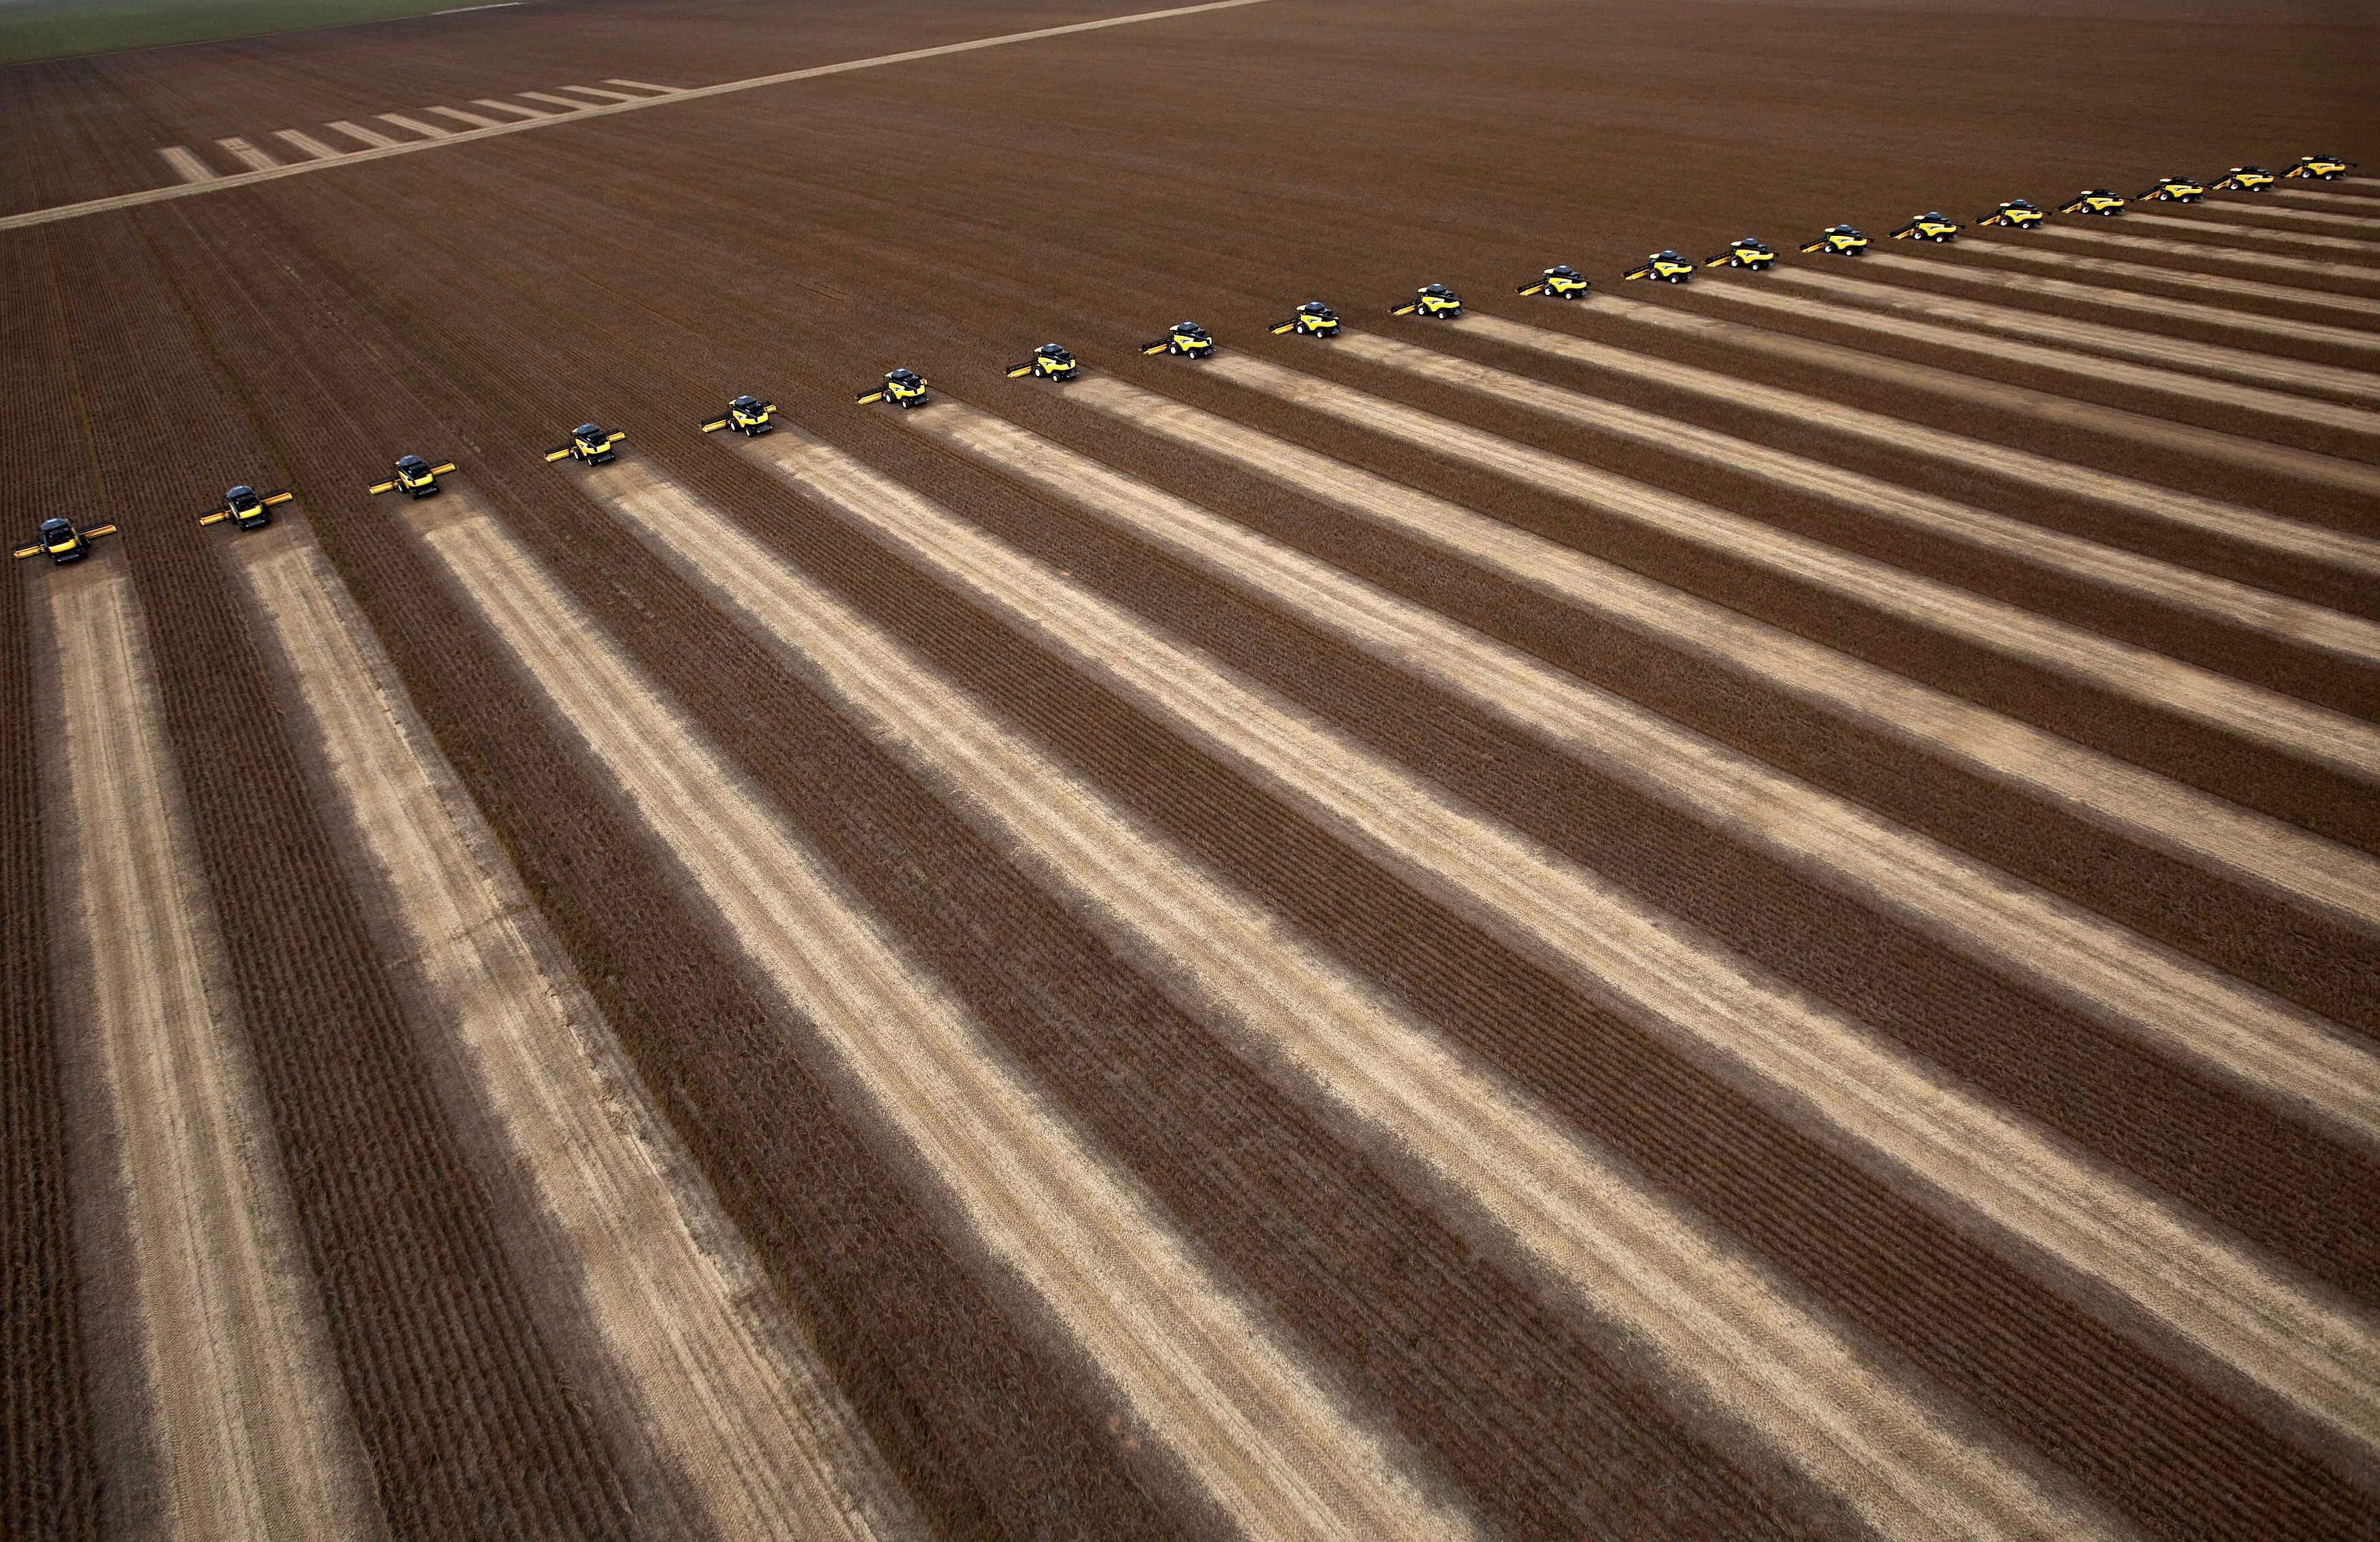 Brasil anuncia financiamento de 52,1 MME para agricultores na próxima safra